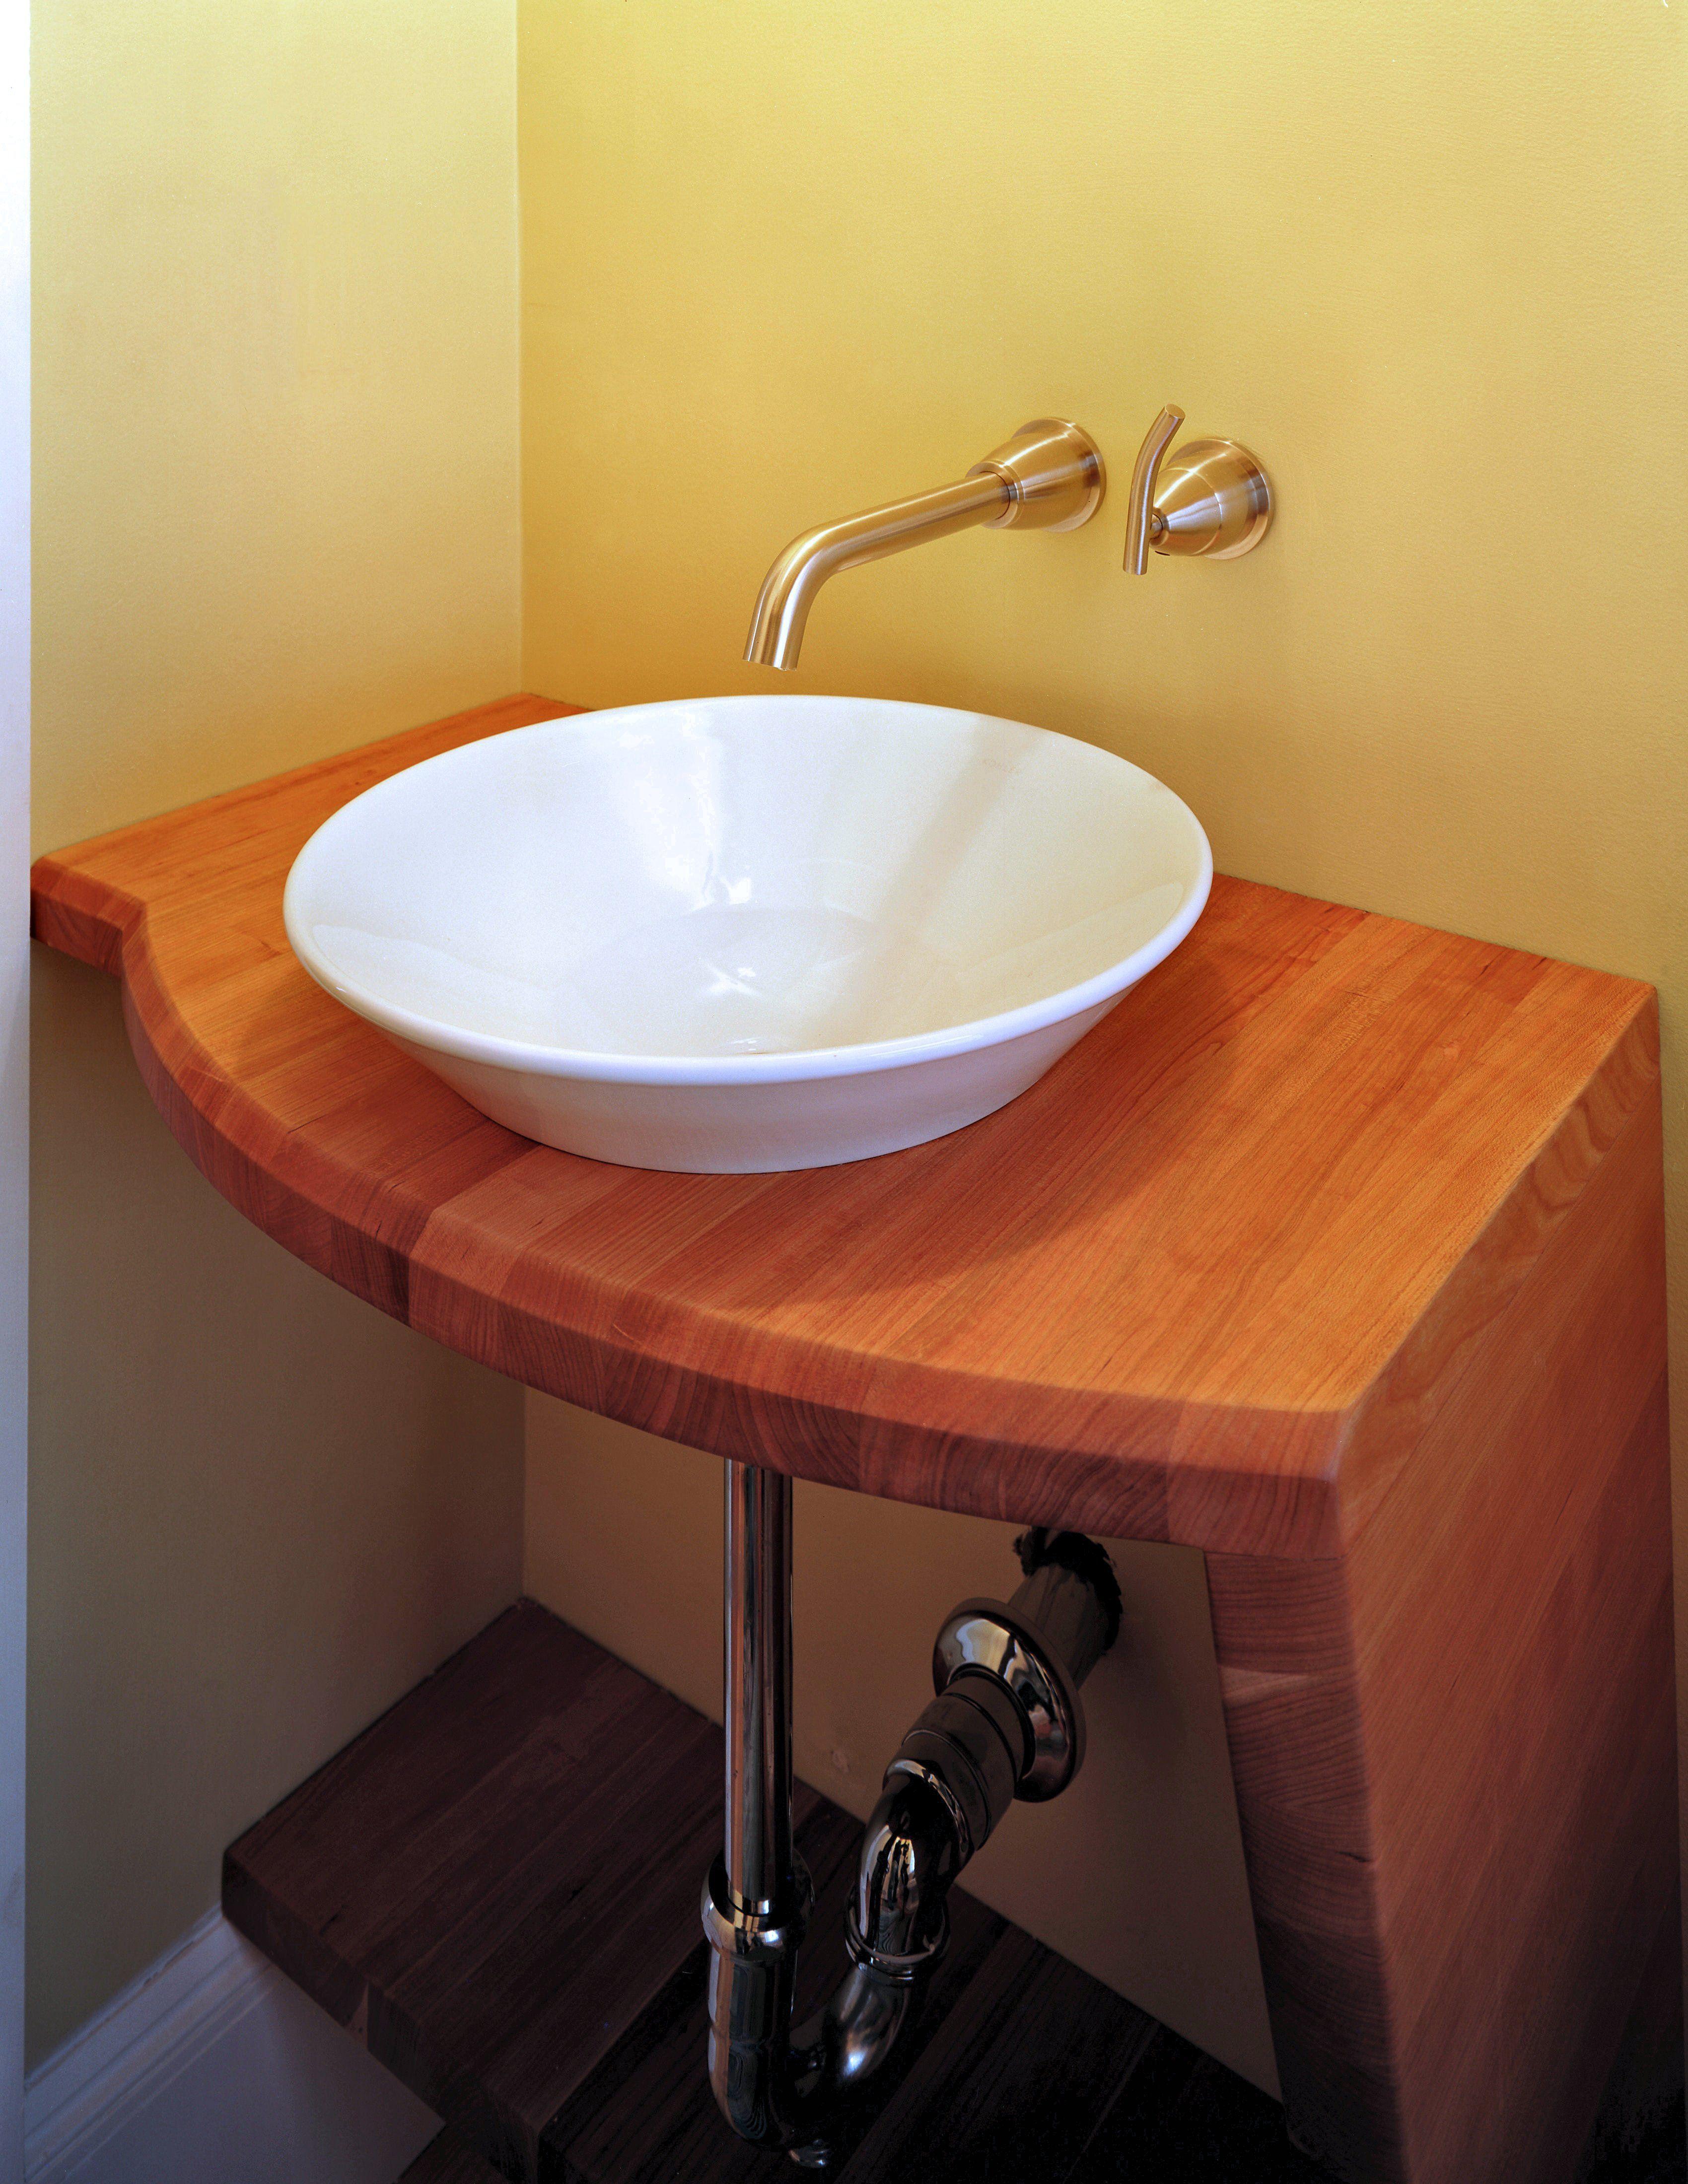 Devos Custom Woodworking Sink Photos Butcher Block Countertopsbathroom